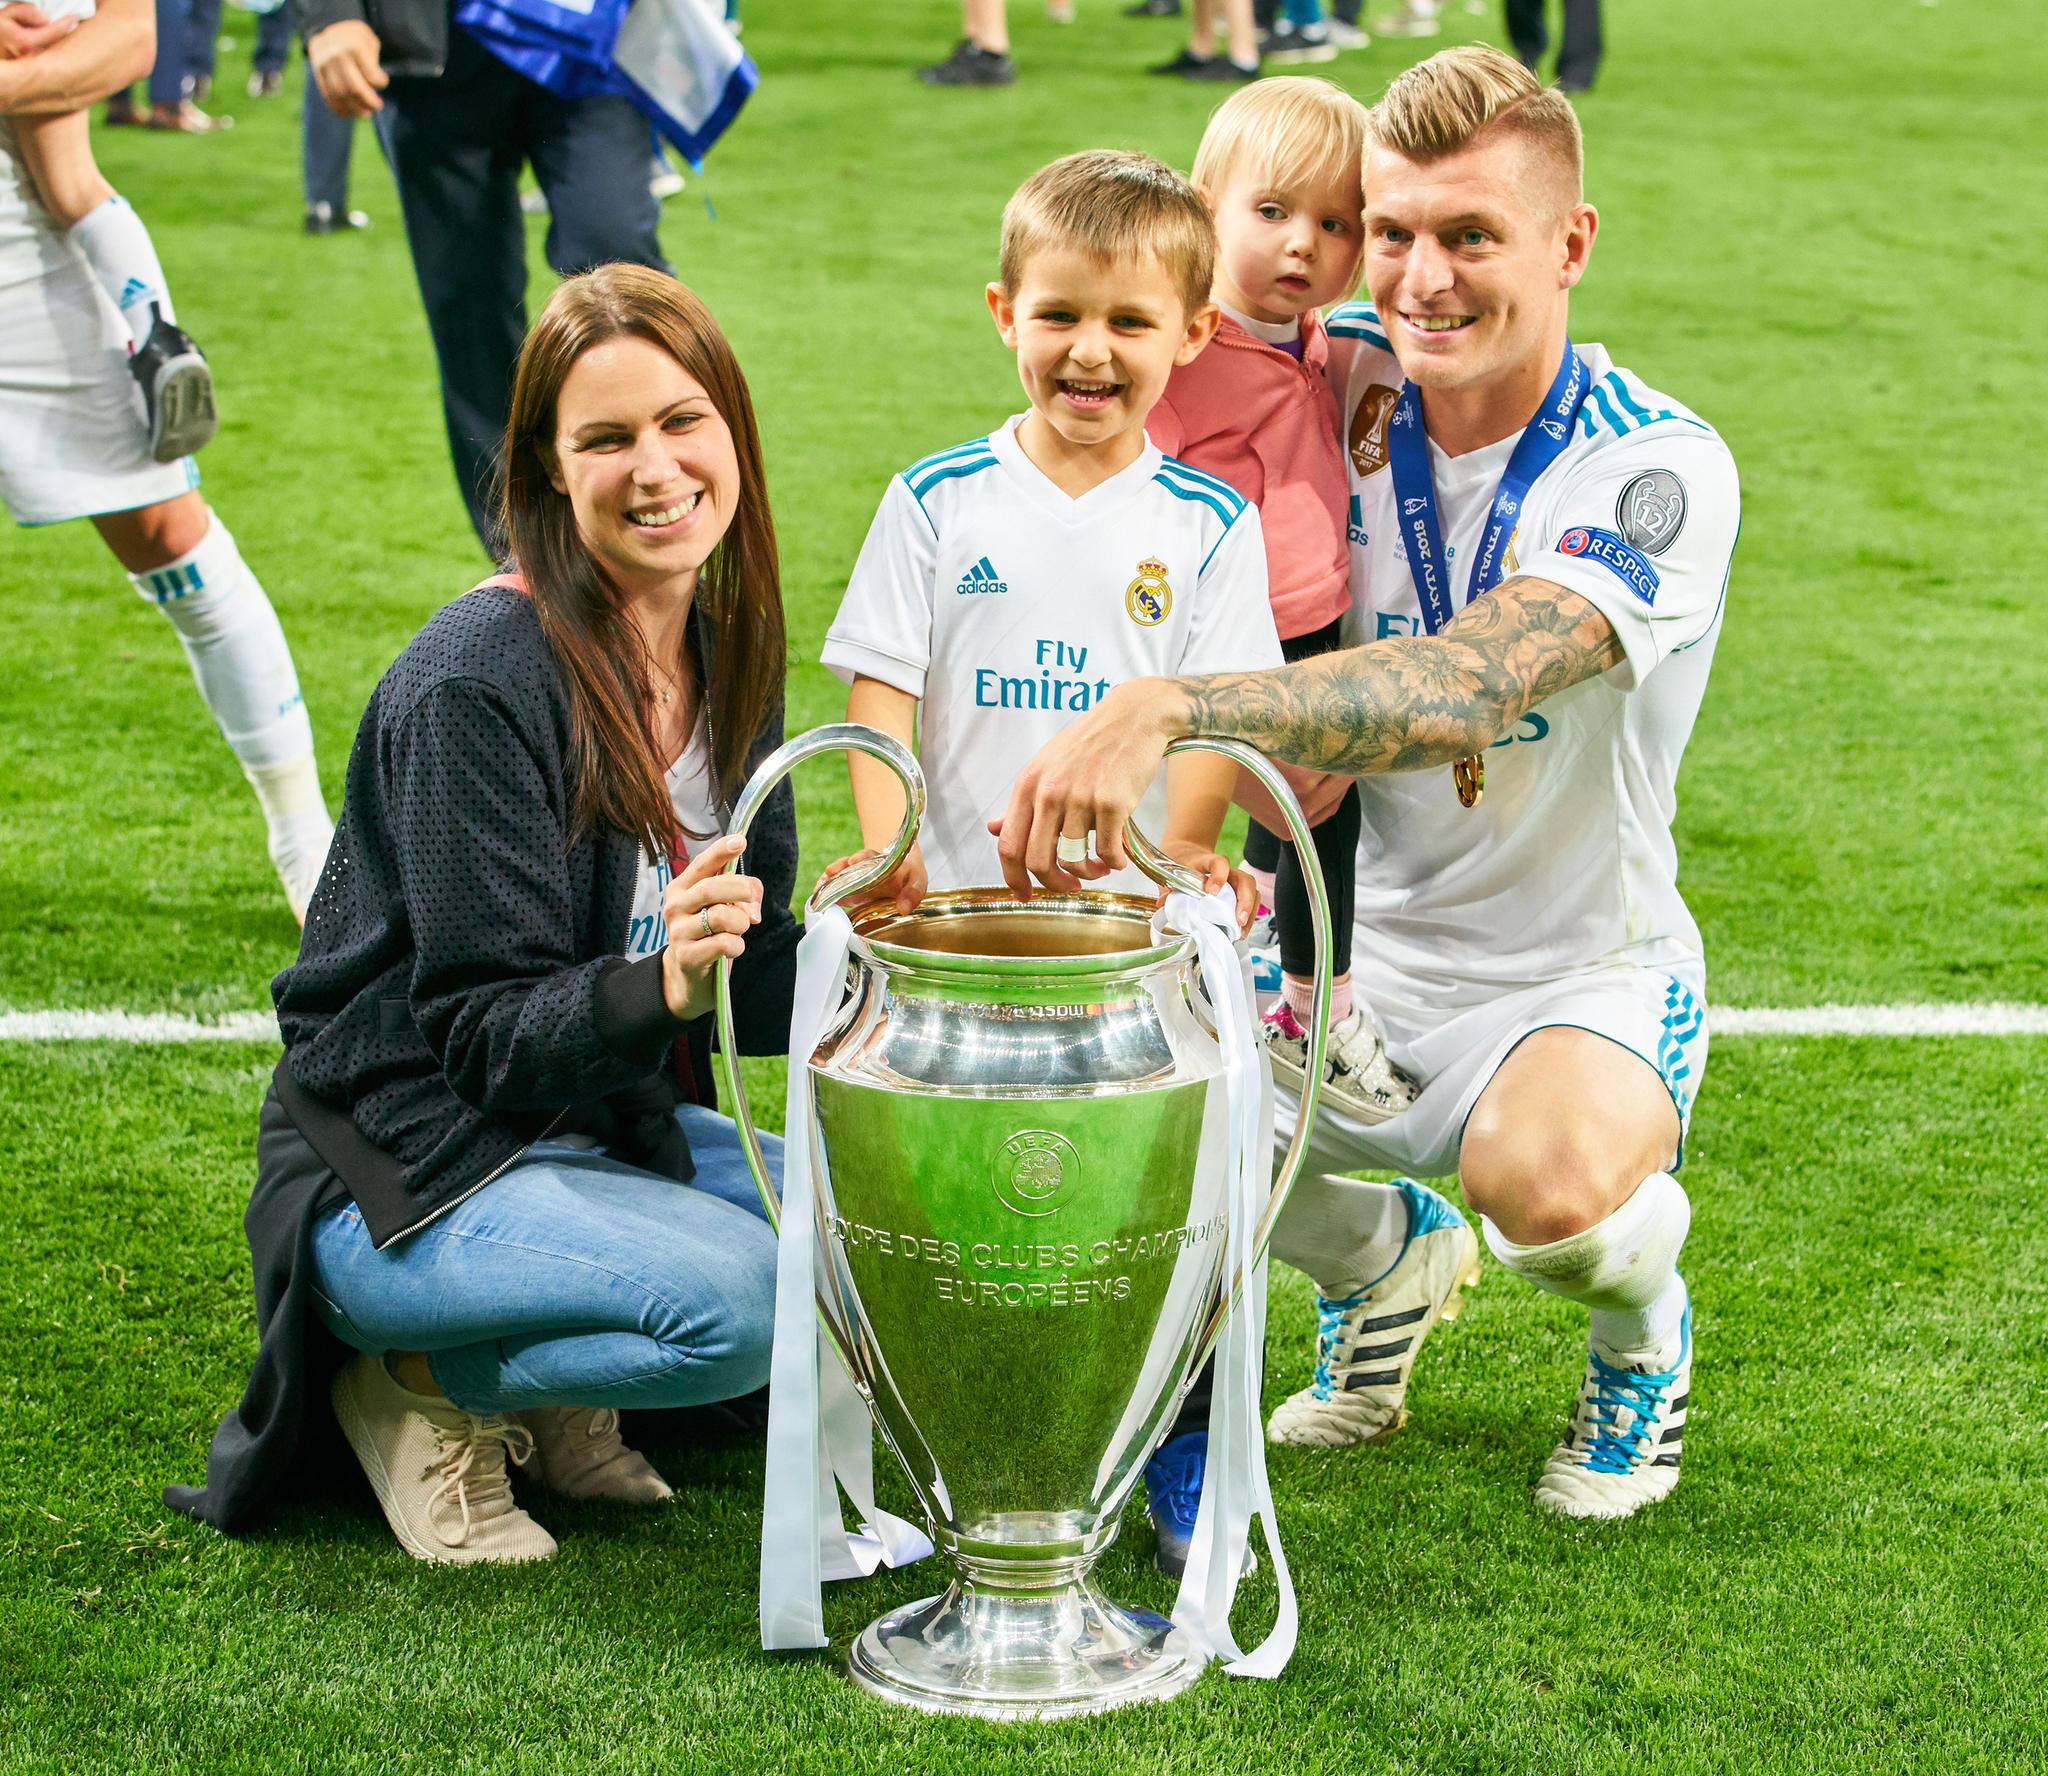 Toni Kroos mit seiner Frau Jessica und den gemeinsamen Kindern Leon und Amelie. Hier feiert die Familie den Champions-League-Gewinn von Real Madrid im Mai 2018